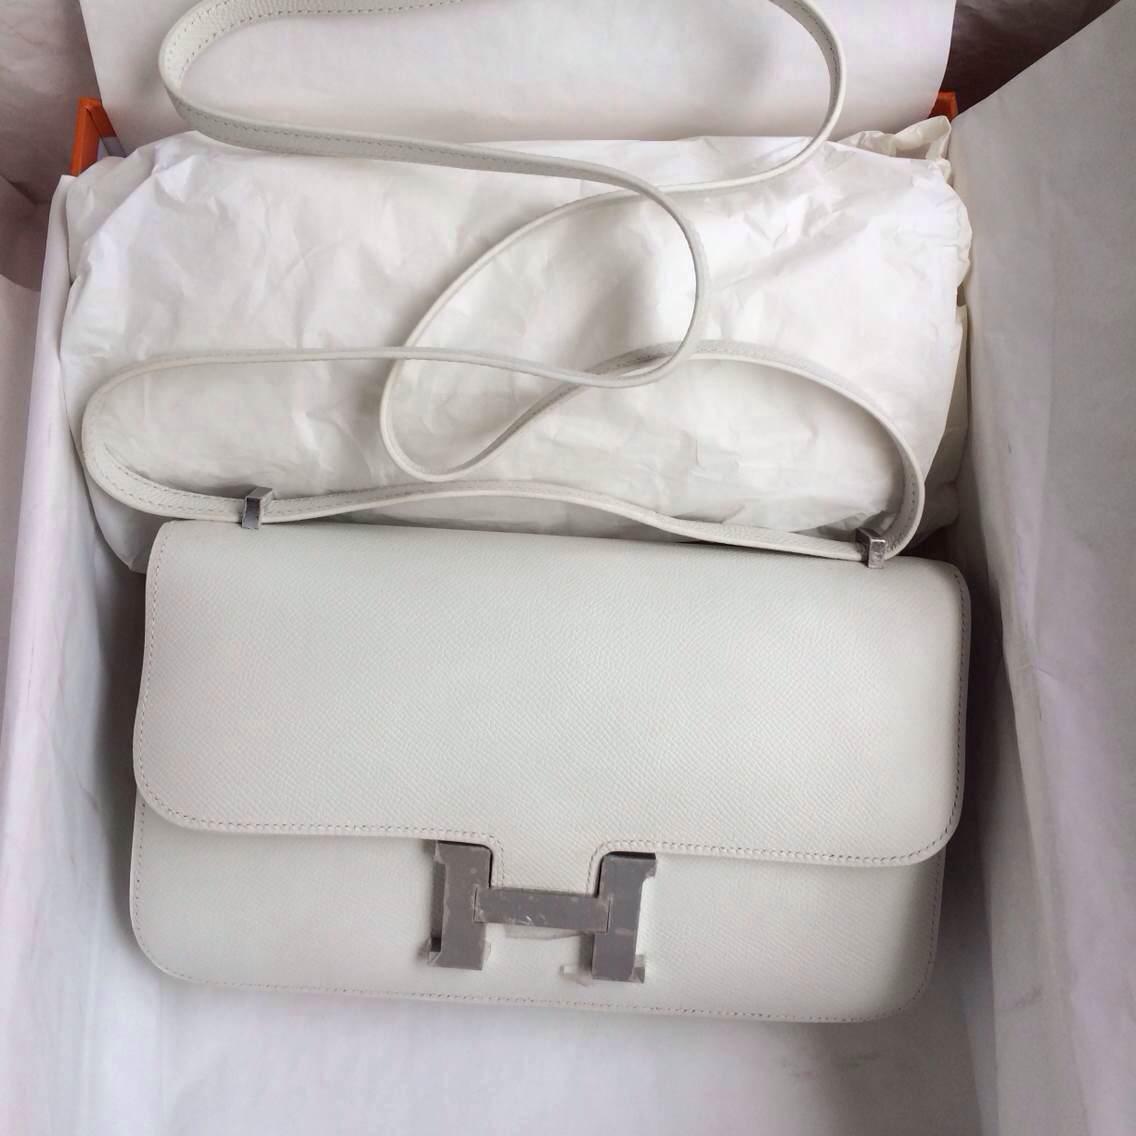 26cm White Color France Epsom Leather Hermes Constance Bag Gold/Silver Hardware